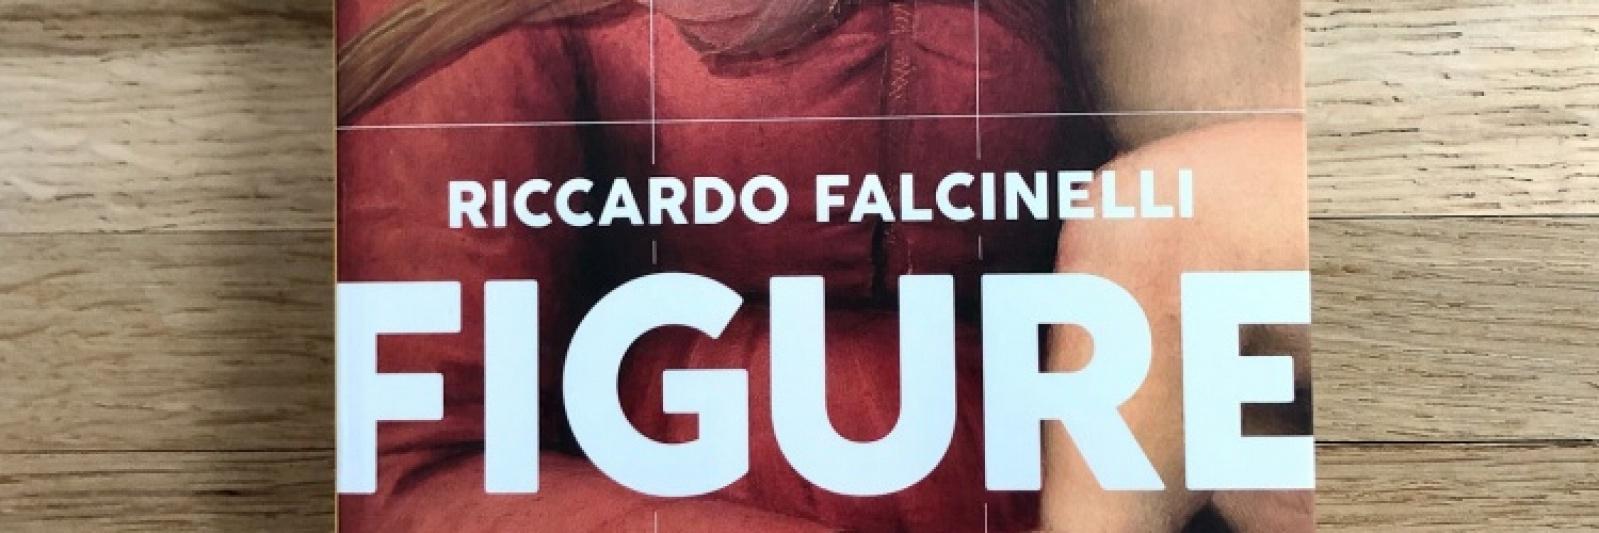 B come Book- Figure di Riccardo Falcinelli